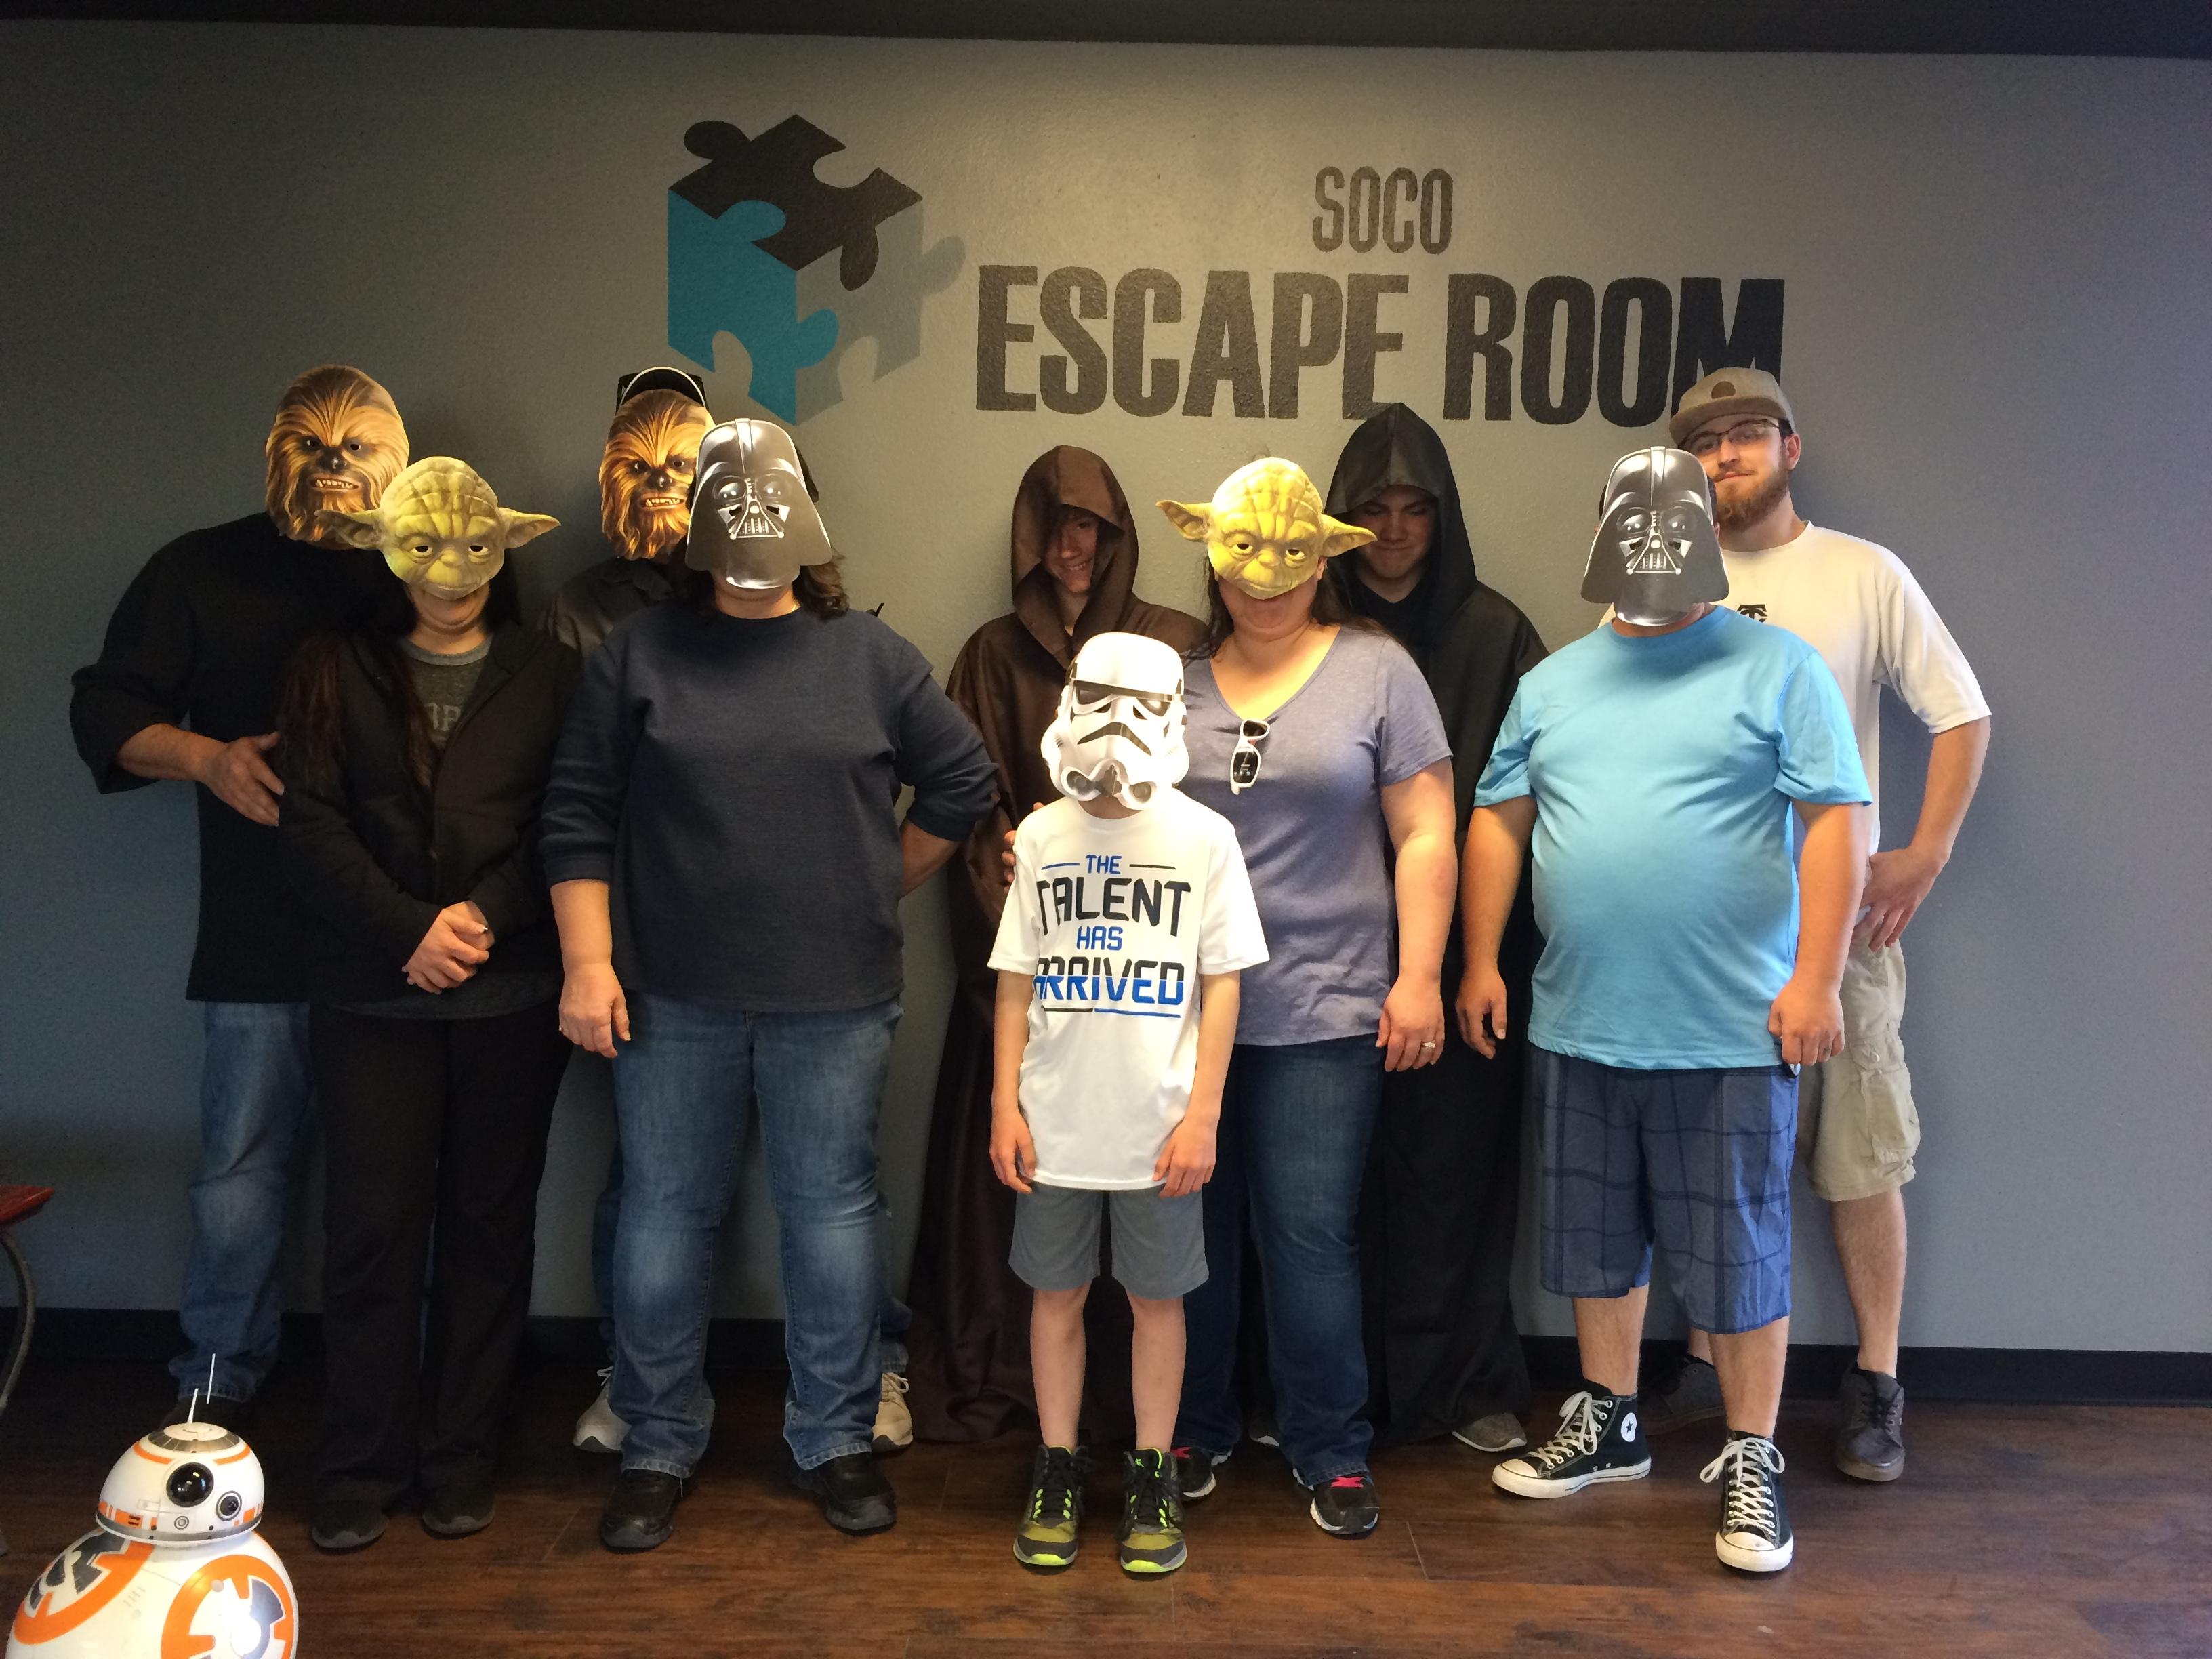 SoCo Escape Room image 15